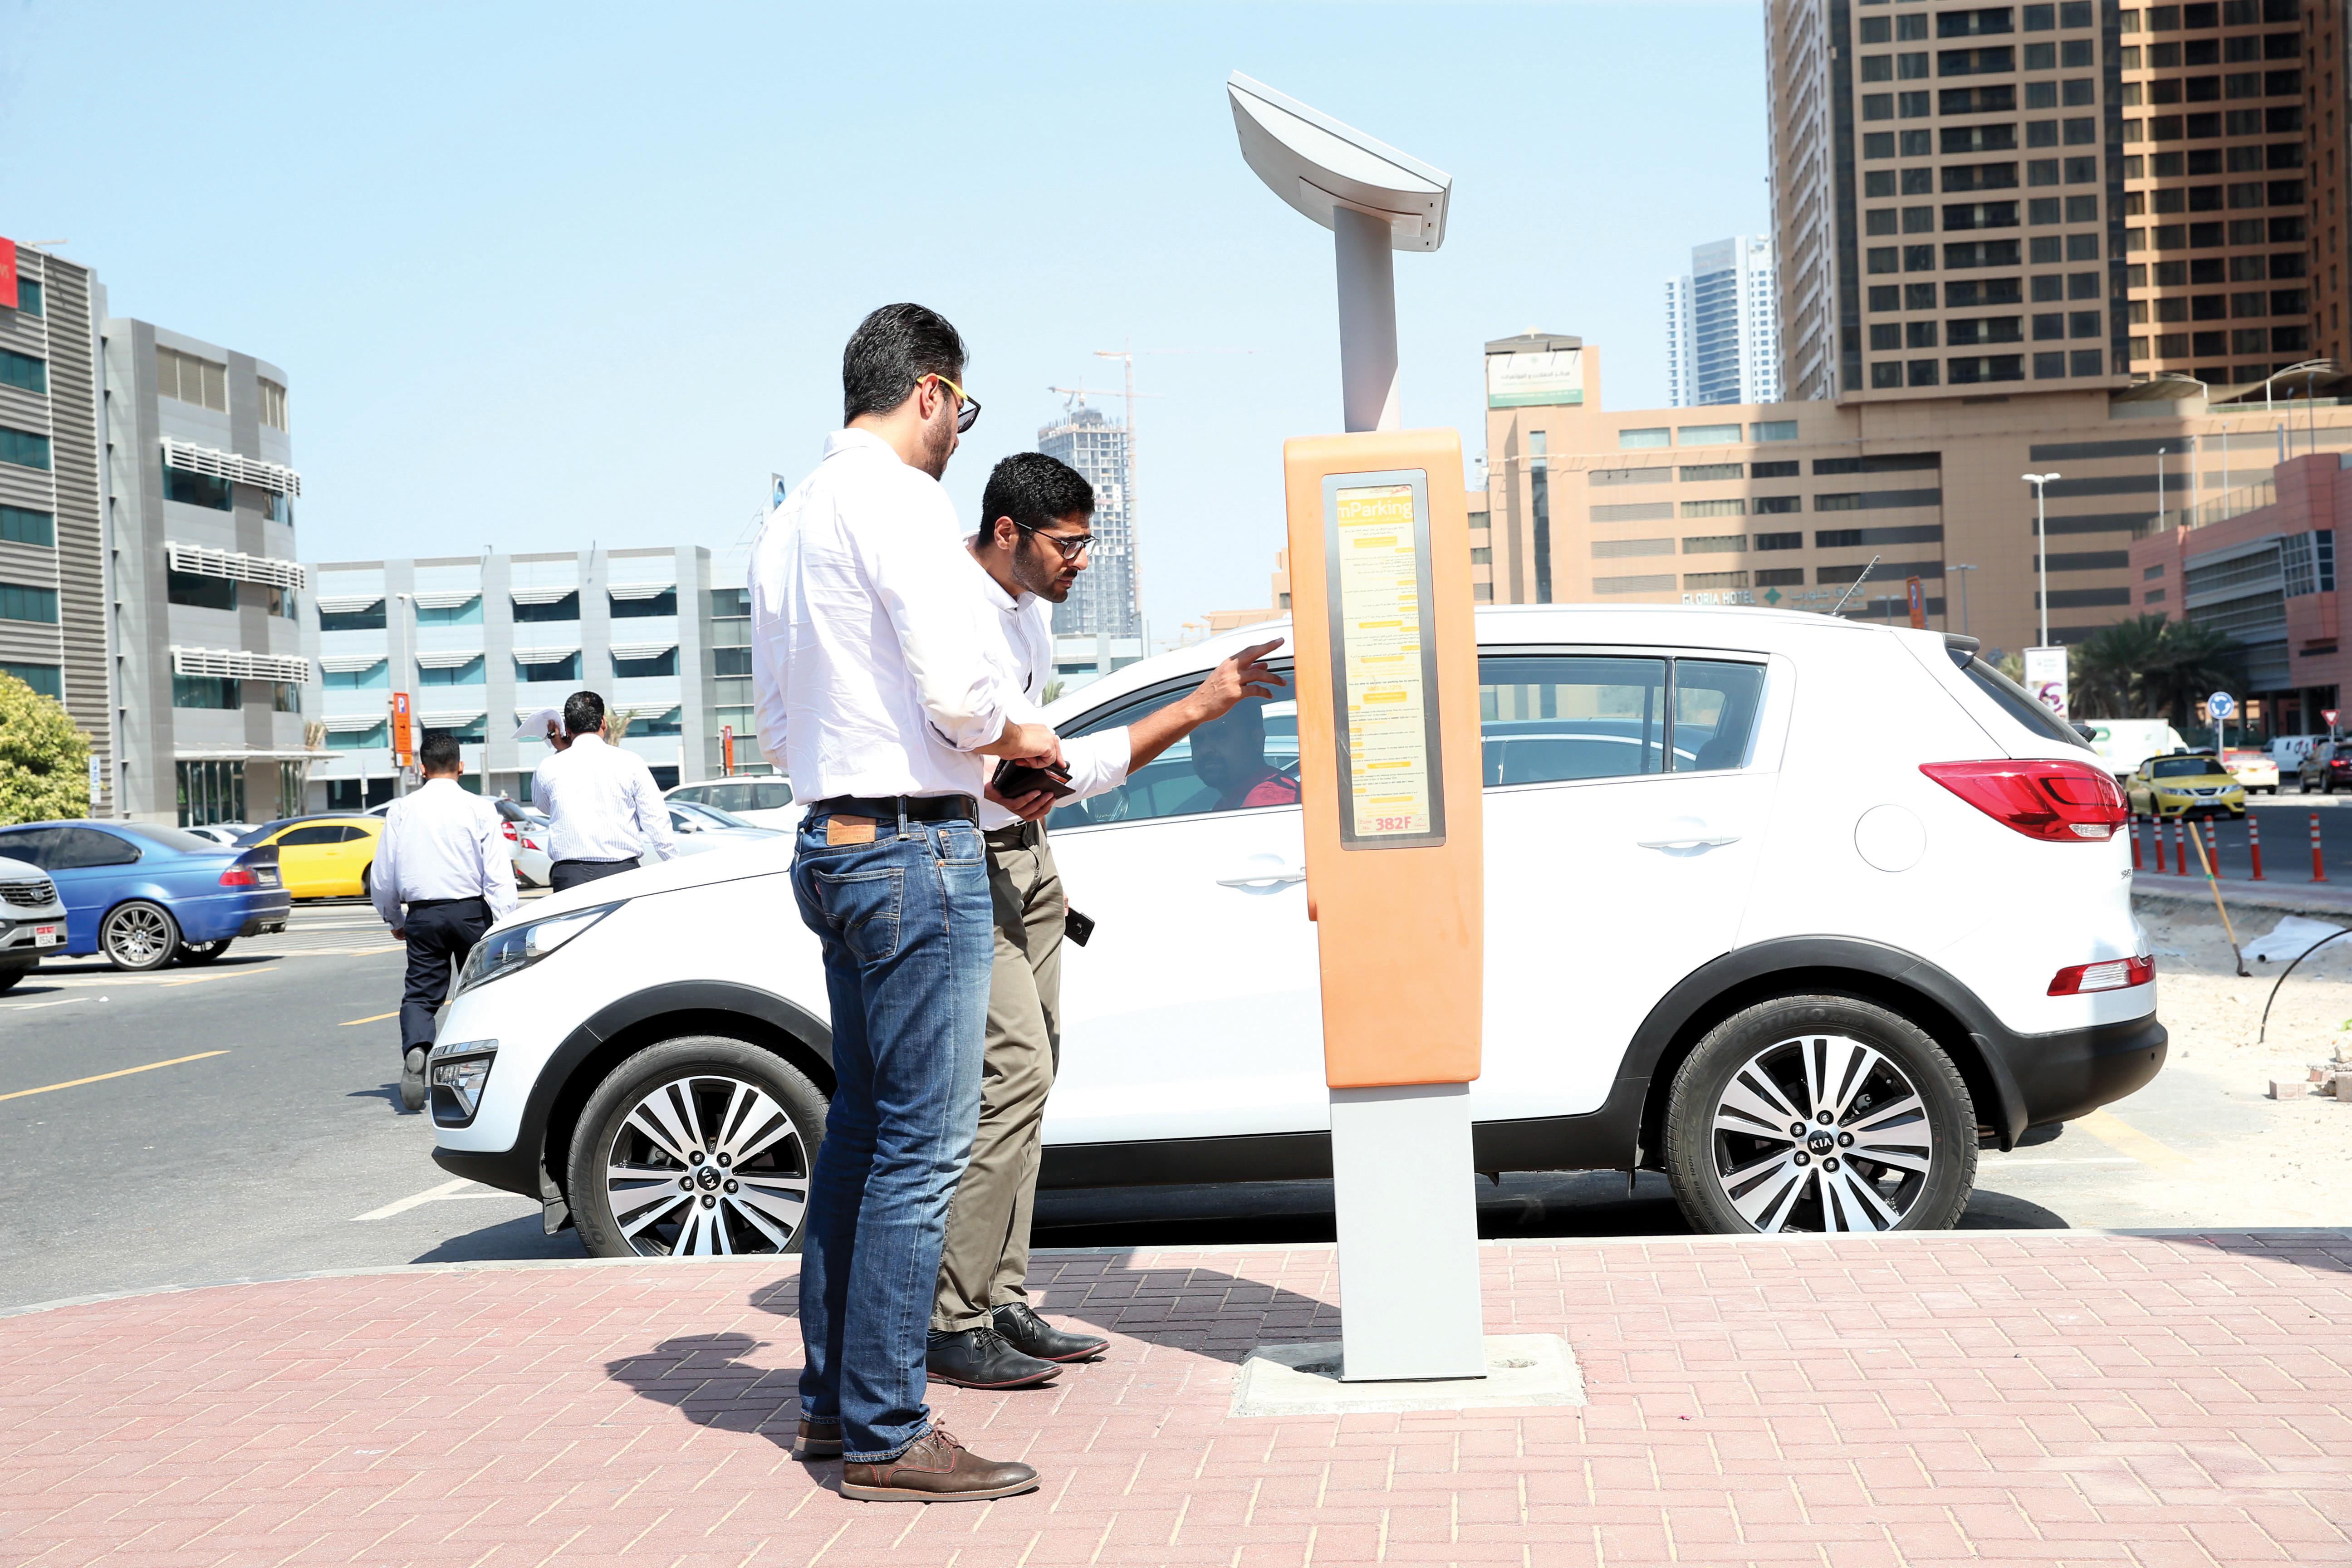 مواقف المركبات في «دبي للإعلام» وقرية المعرفة هاجس يومي  مواقف المركبات في «دبي للإعلام» وقرية المعرفة هاجس يومي